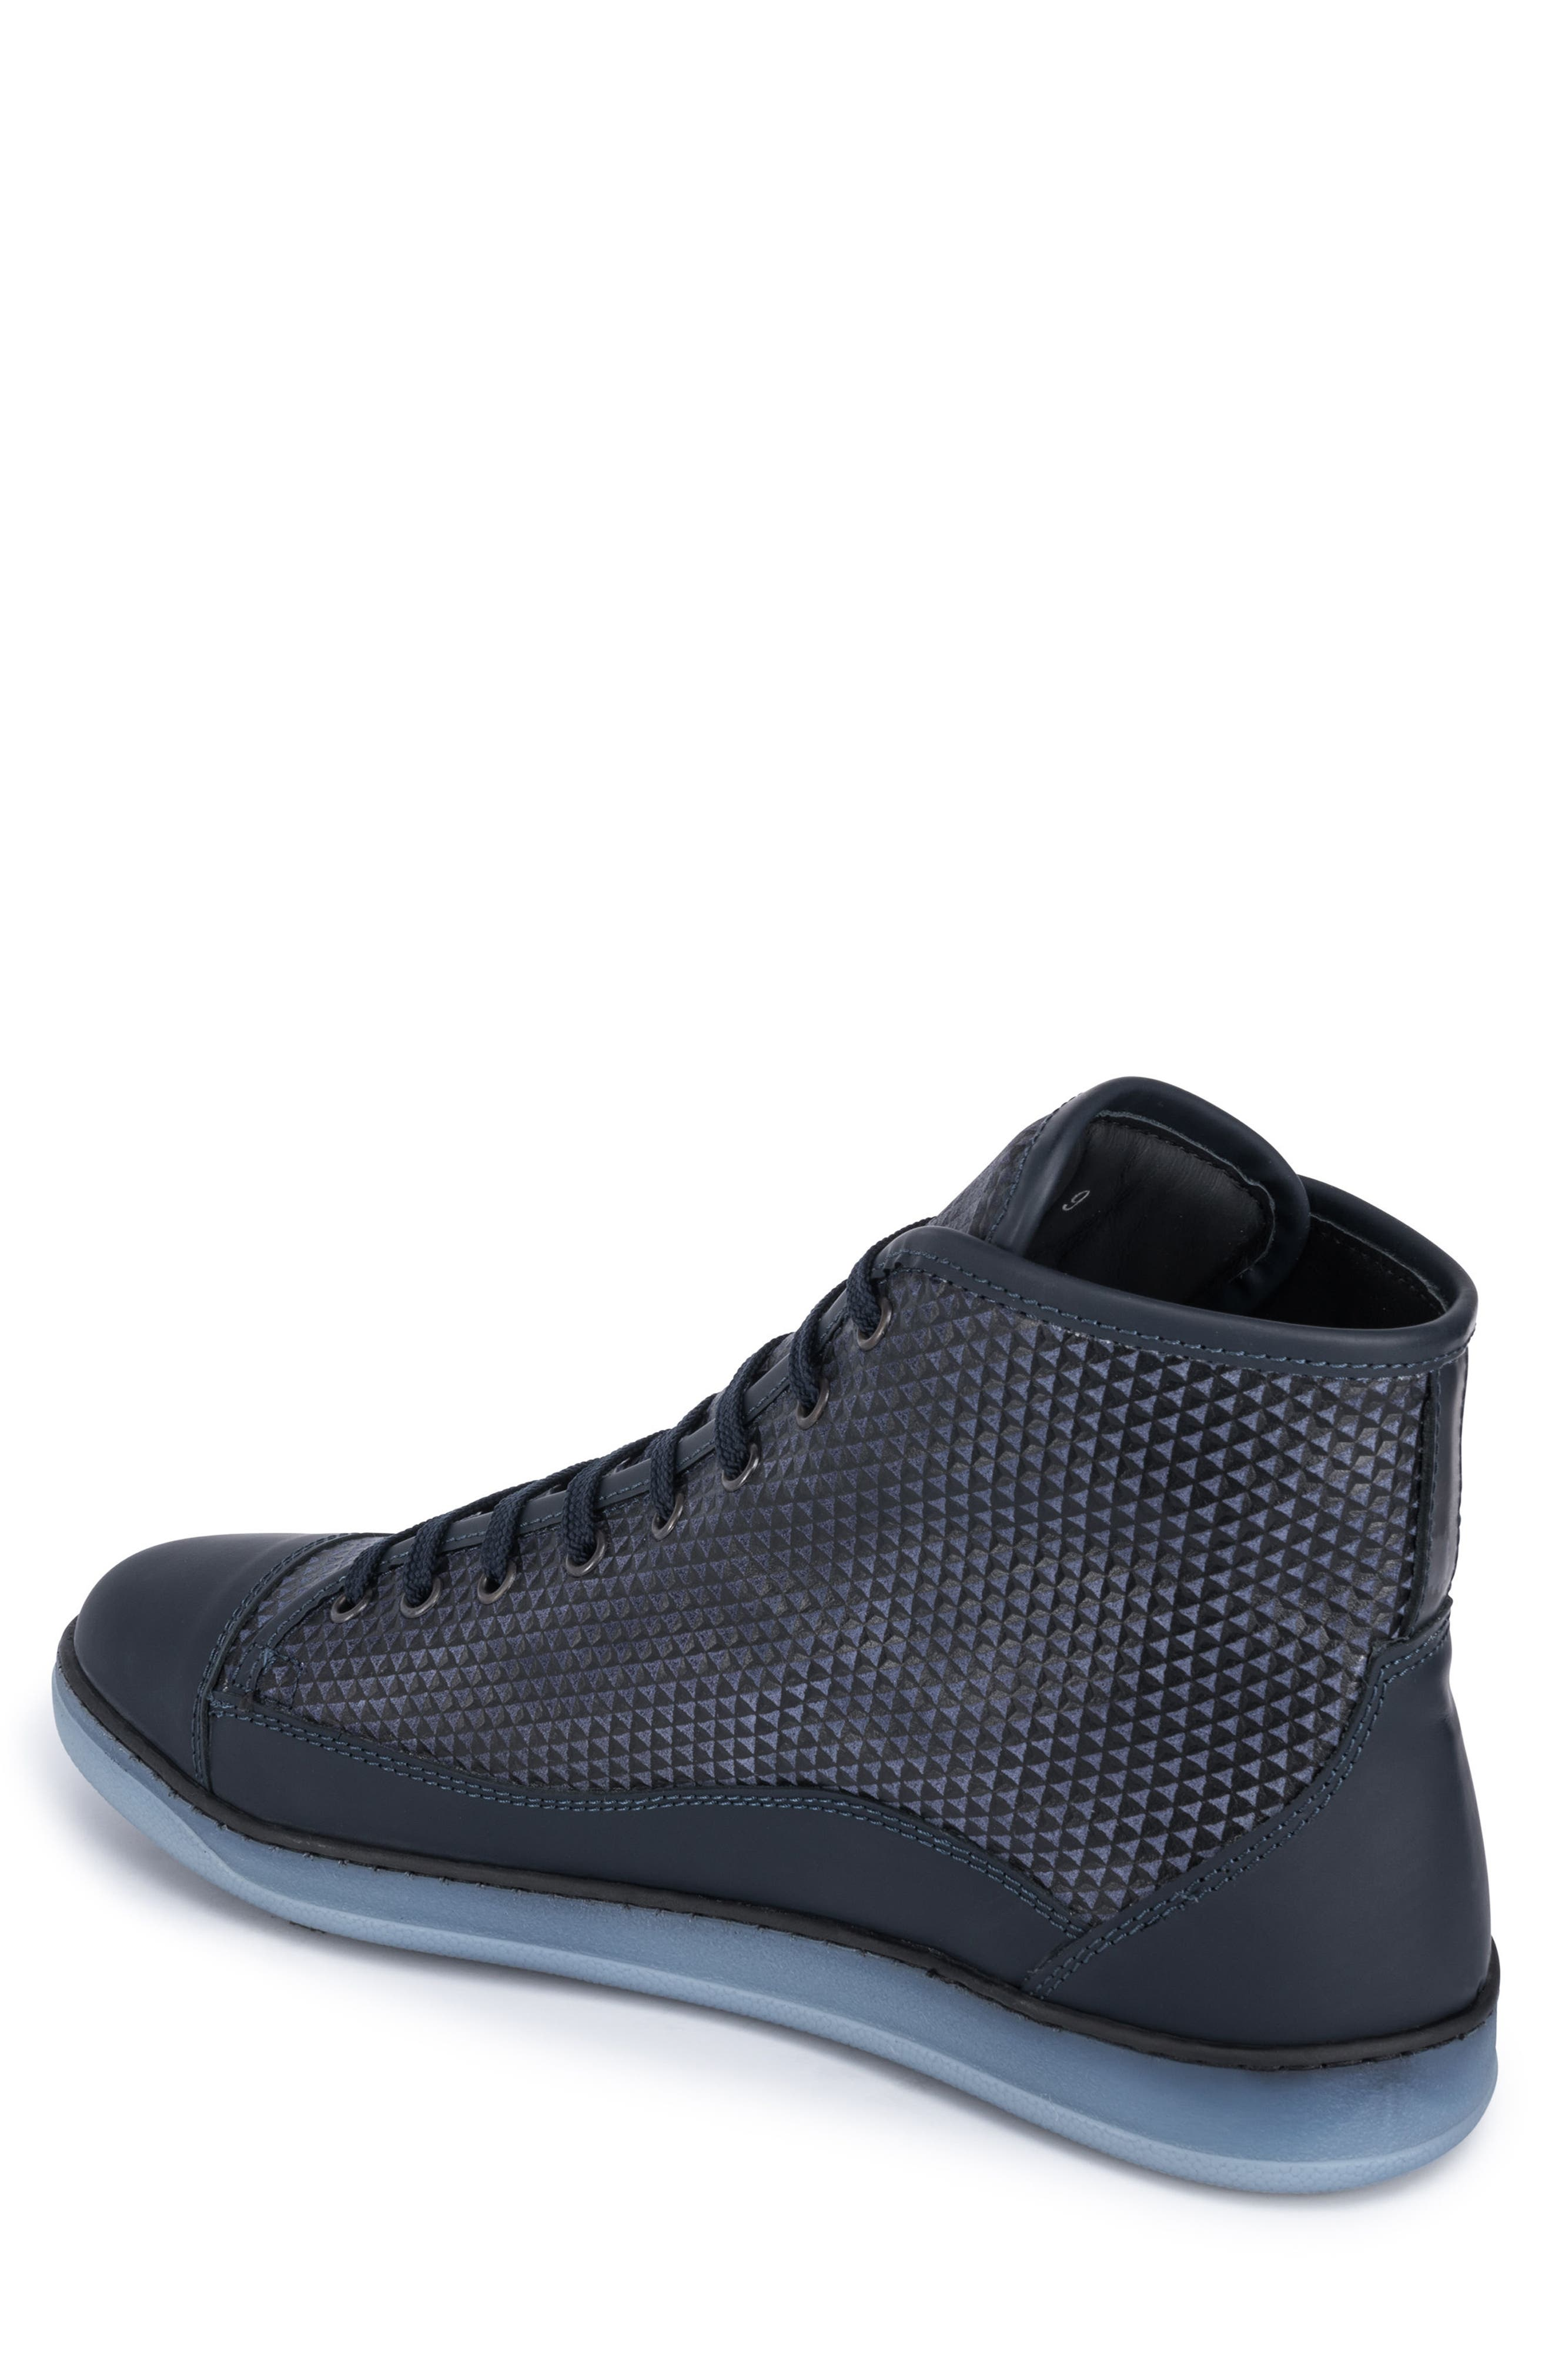 Treviso Sneaker,                             Alternate thumbnail 2, color,                             409